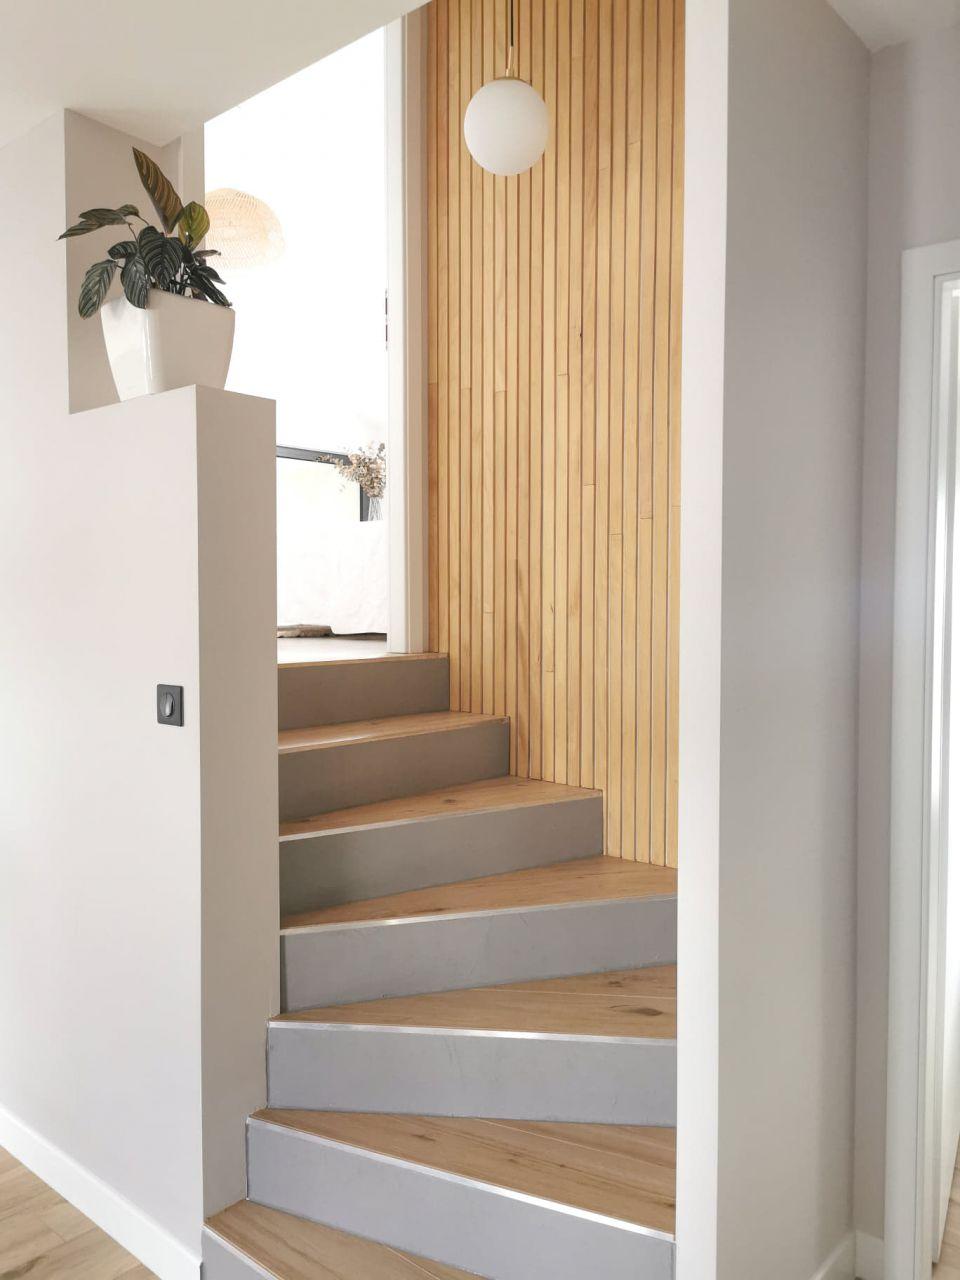 Escaliers après